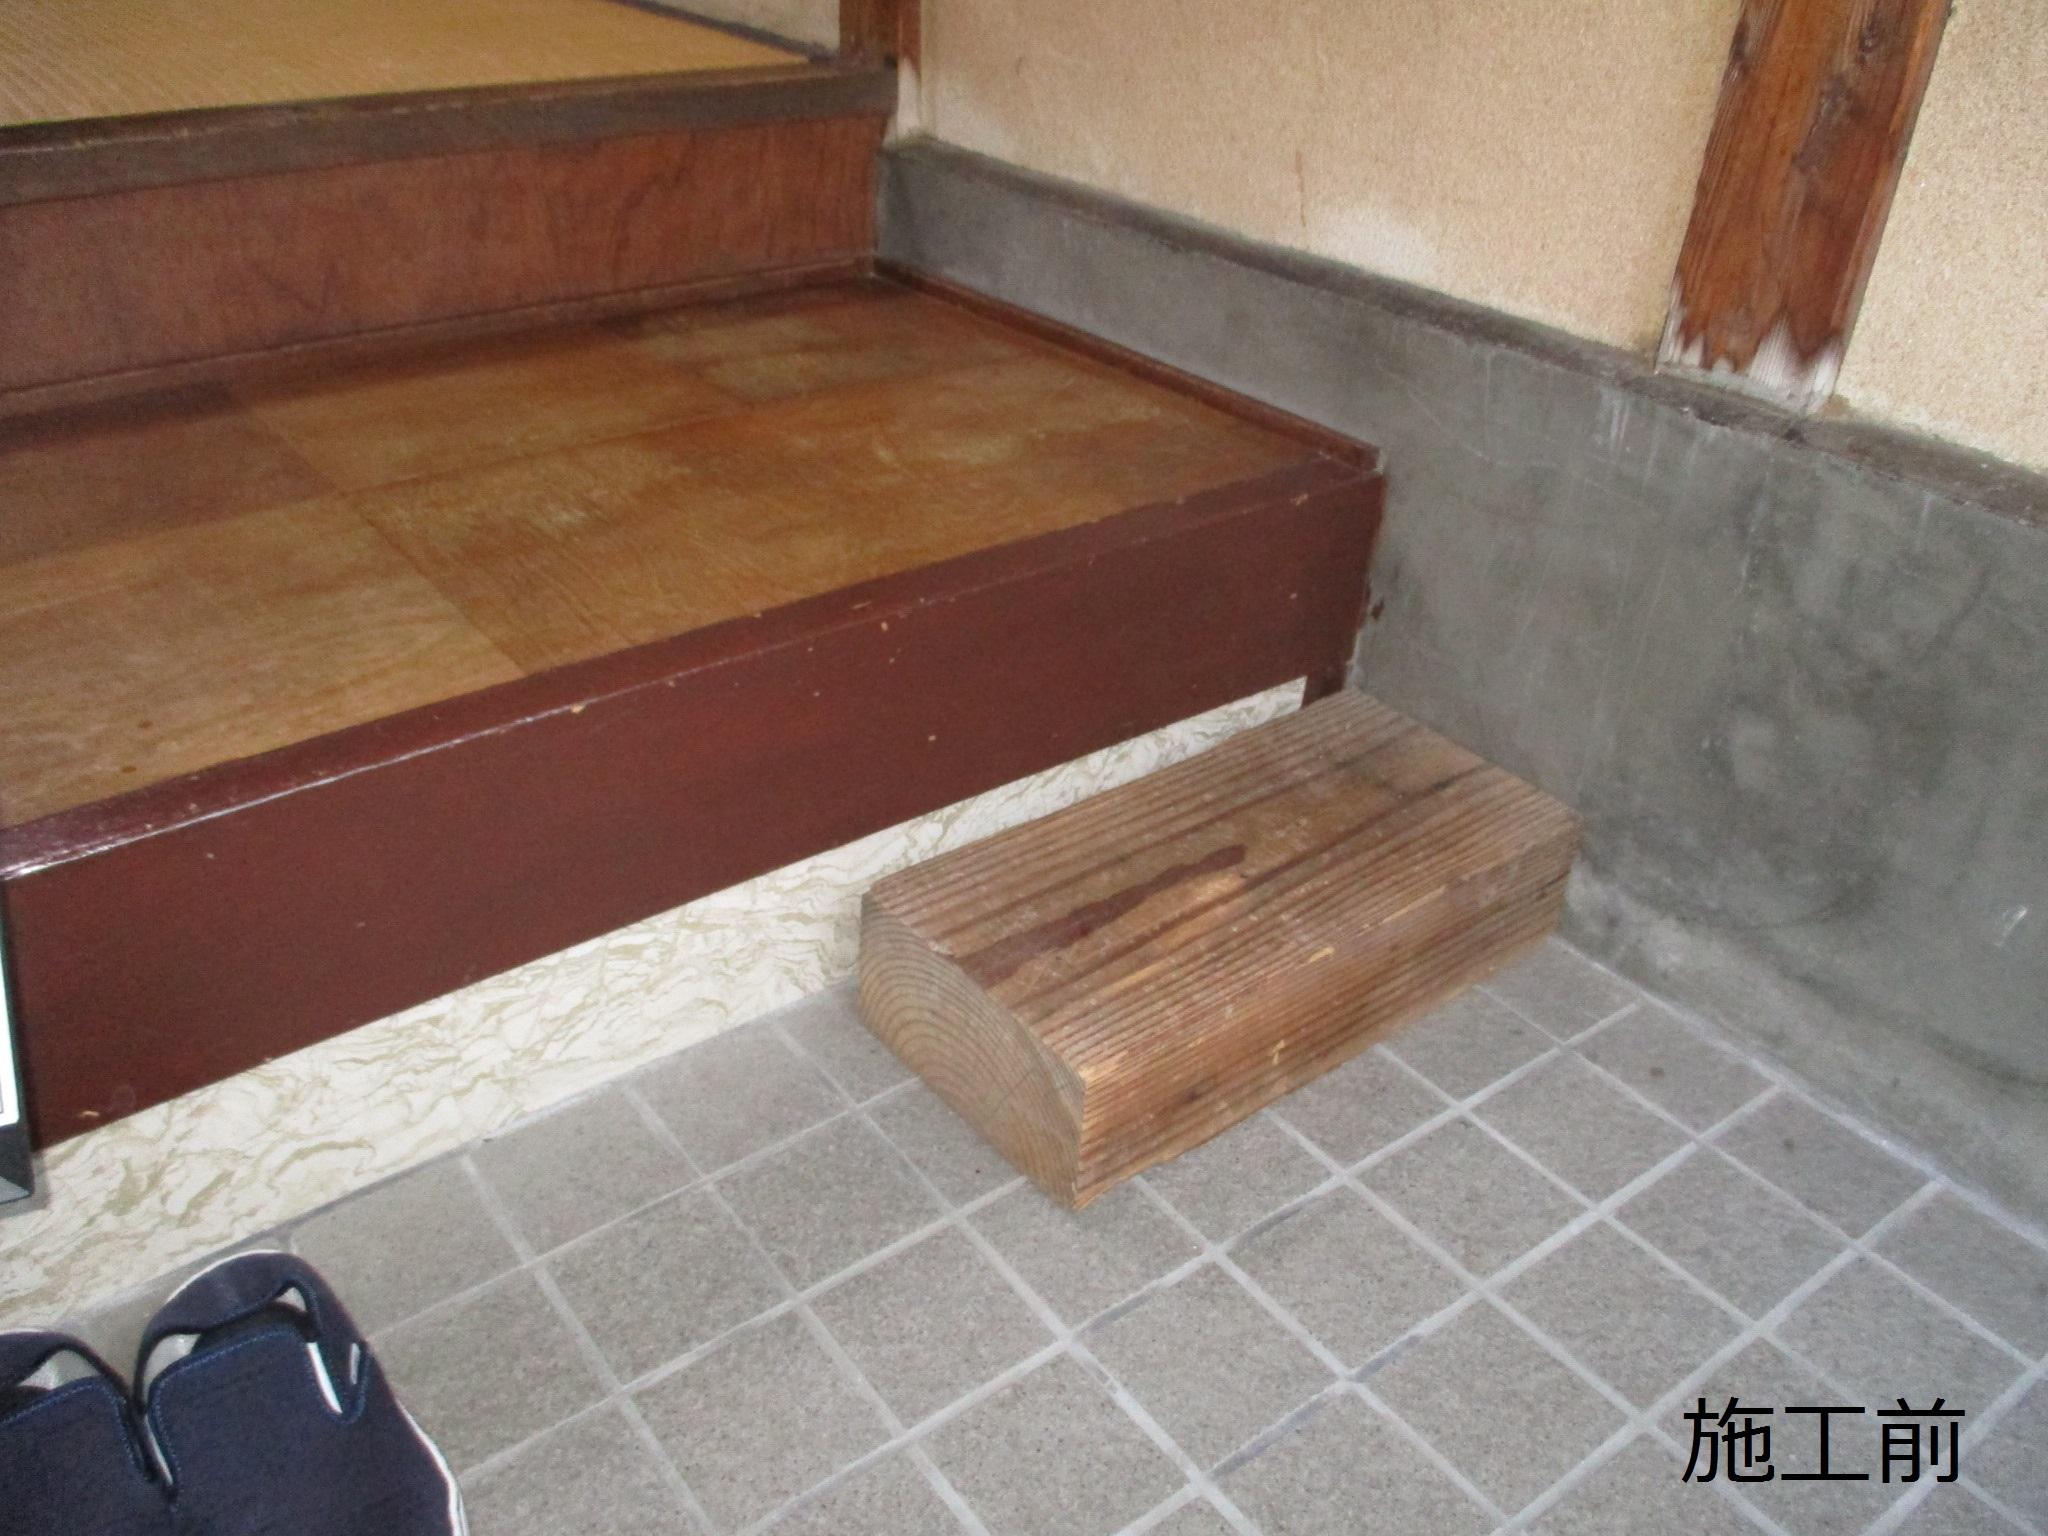 宝塚市 玄関手摺・踏み台設置工事イメージ03